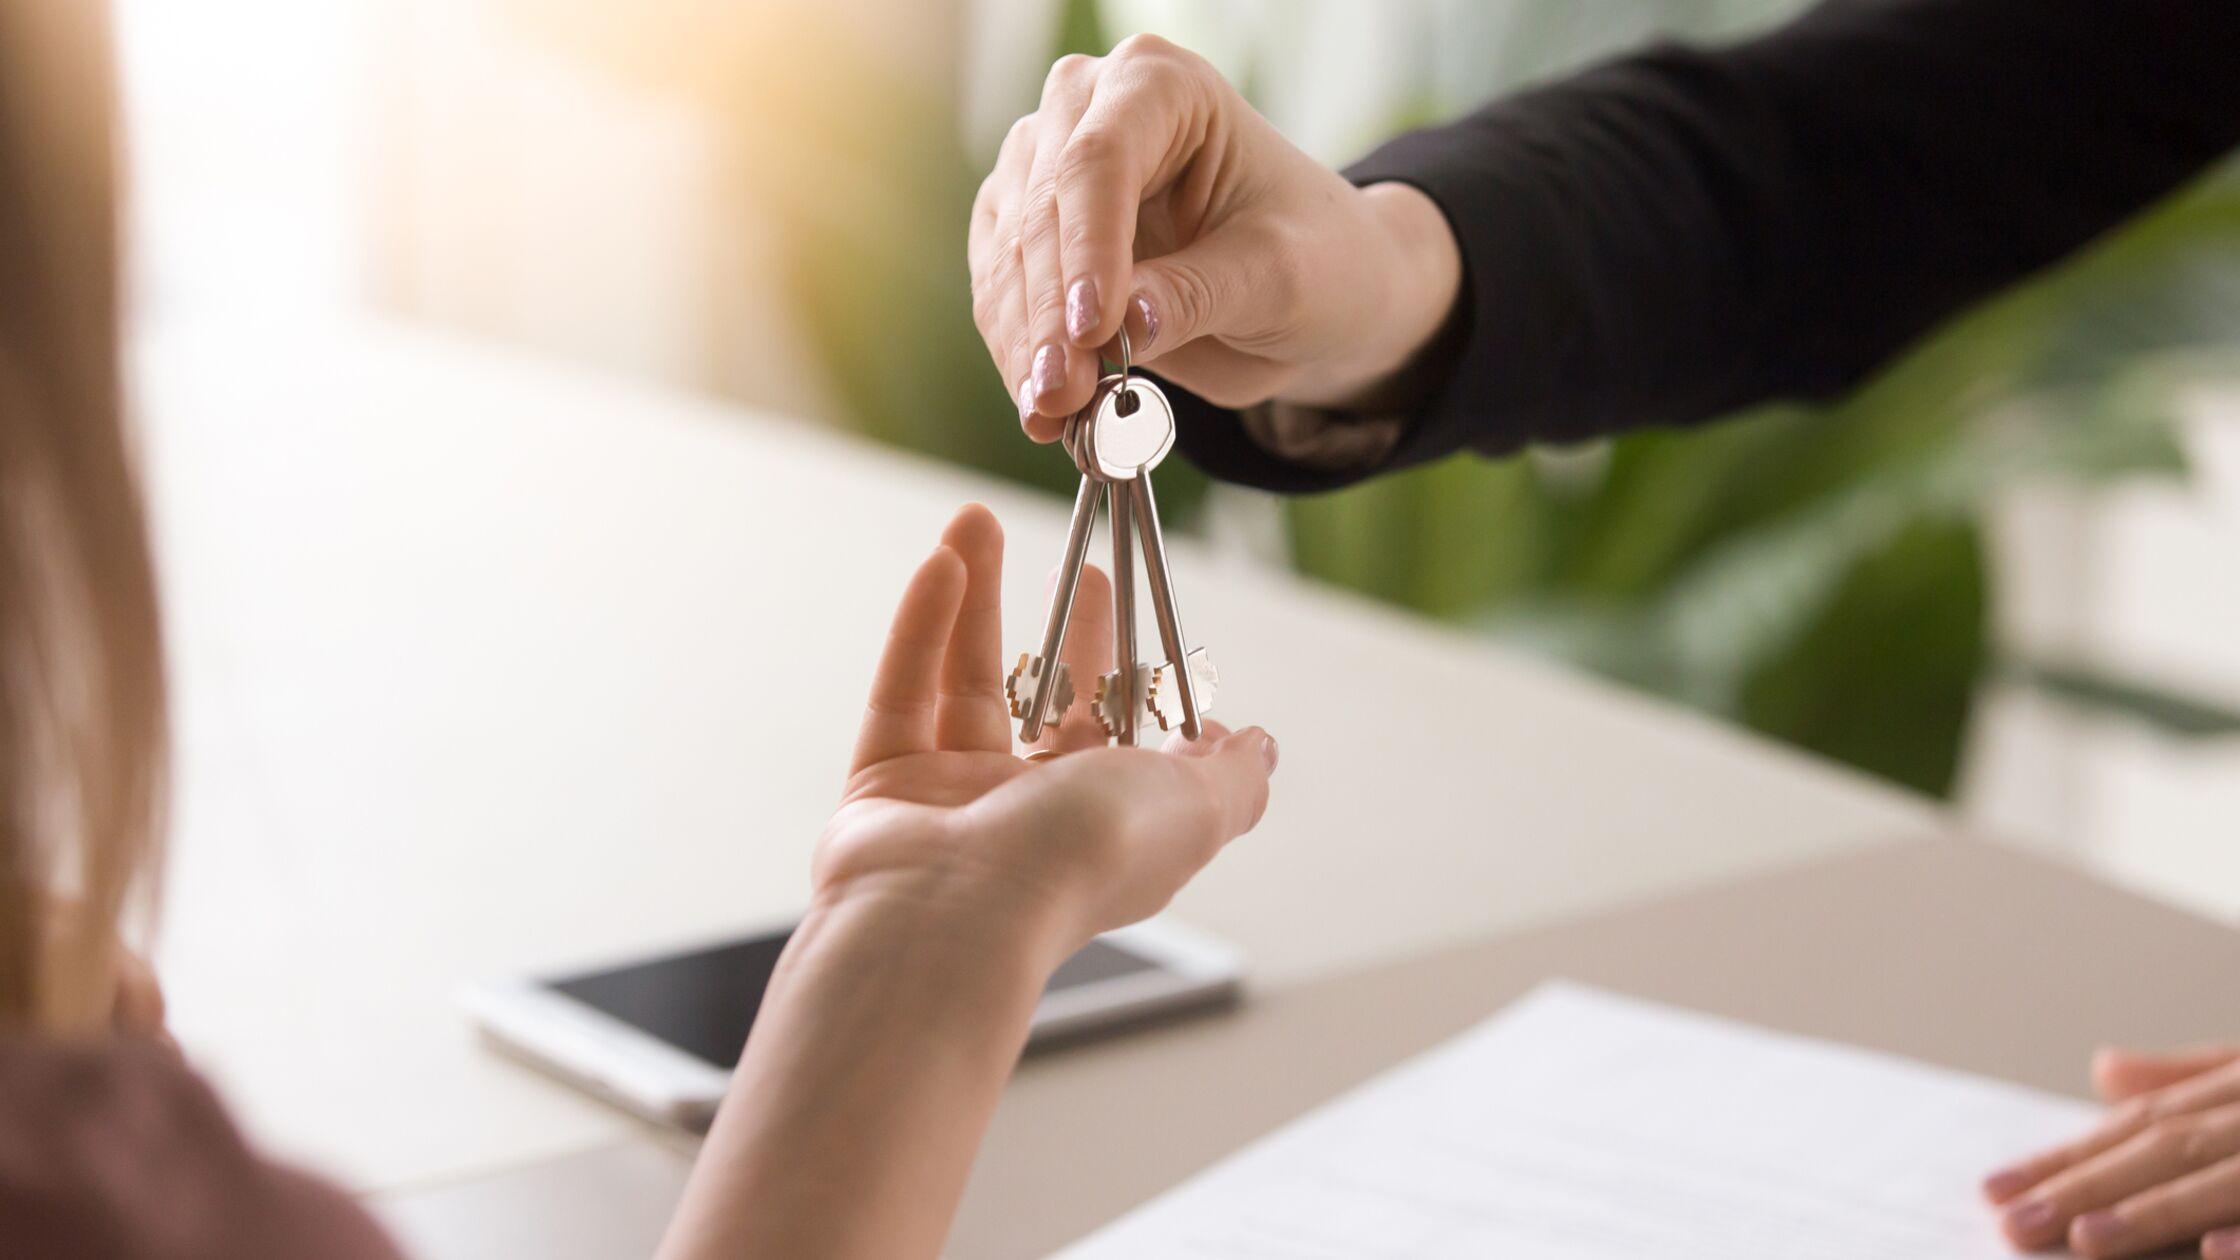 Wohnungsübergabe ohne Vermieter: Was Sie darüber wissen sollten